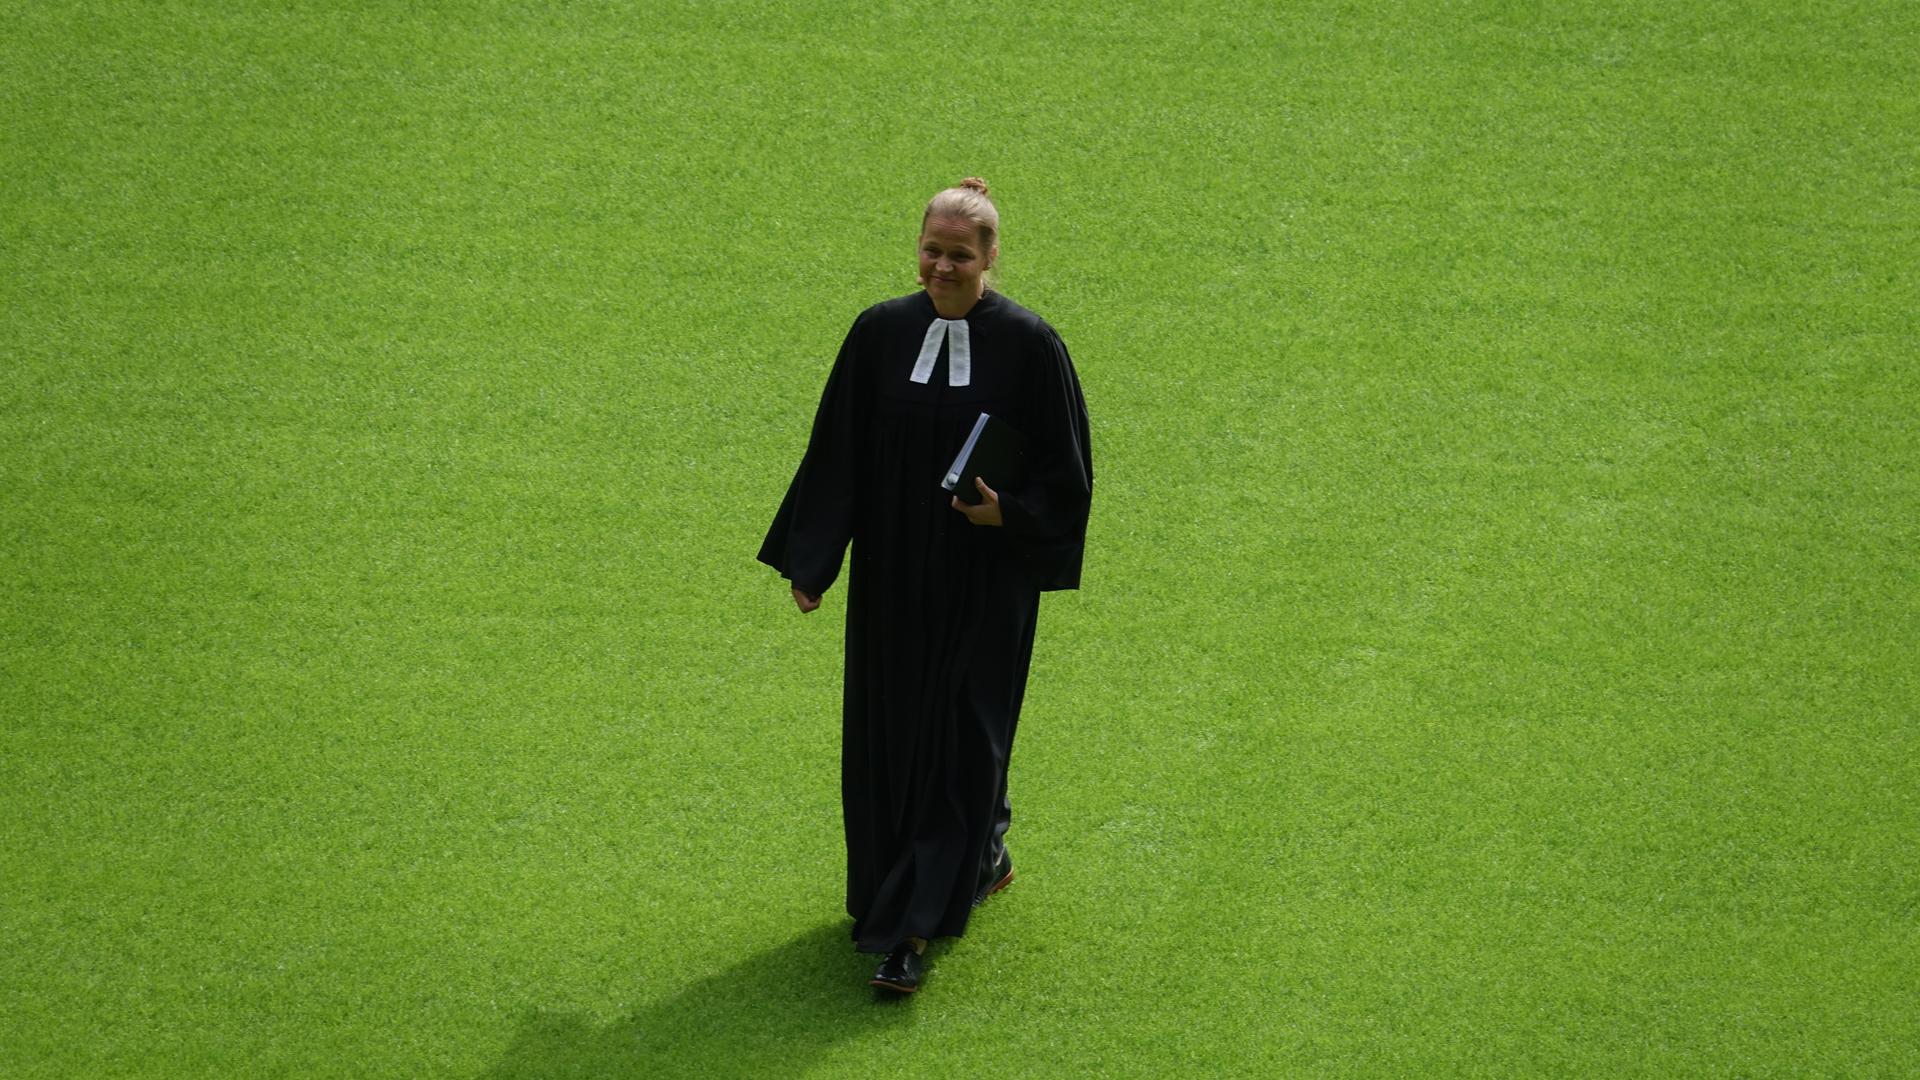 Der Weg zurück vom Rednerpult in der Mitte des Dortmunder Stadions: Pastorin Bils